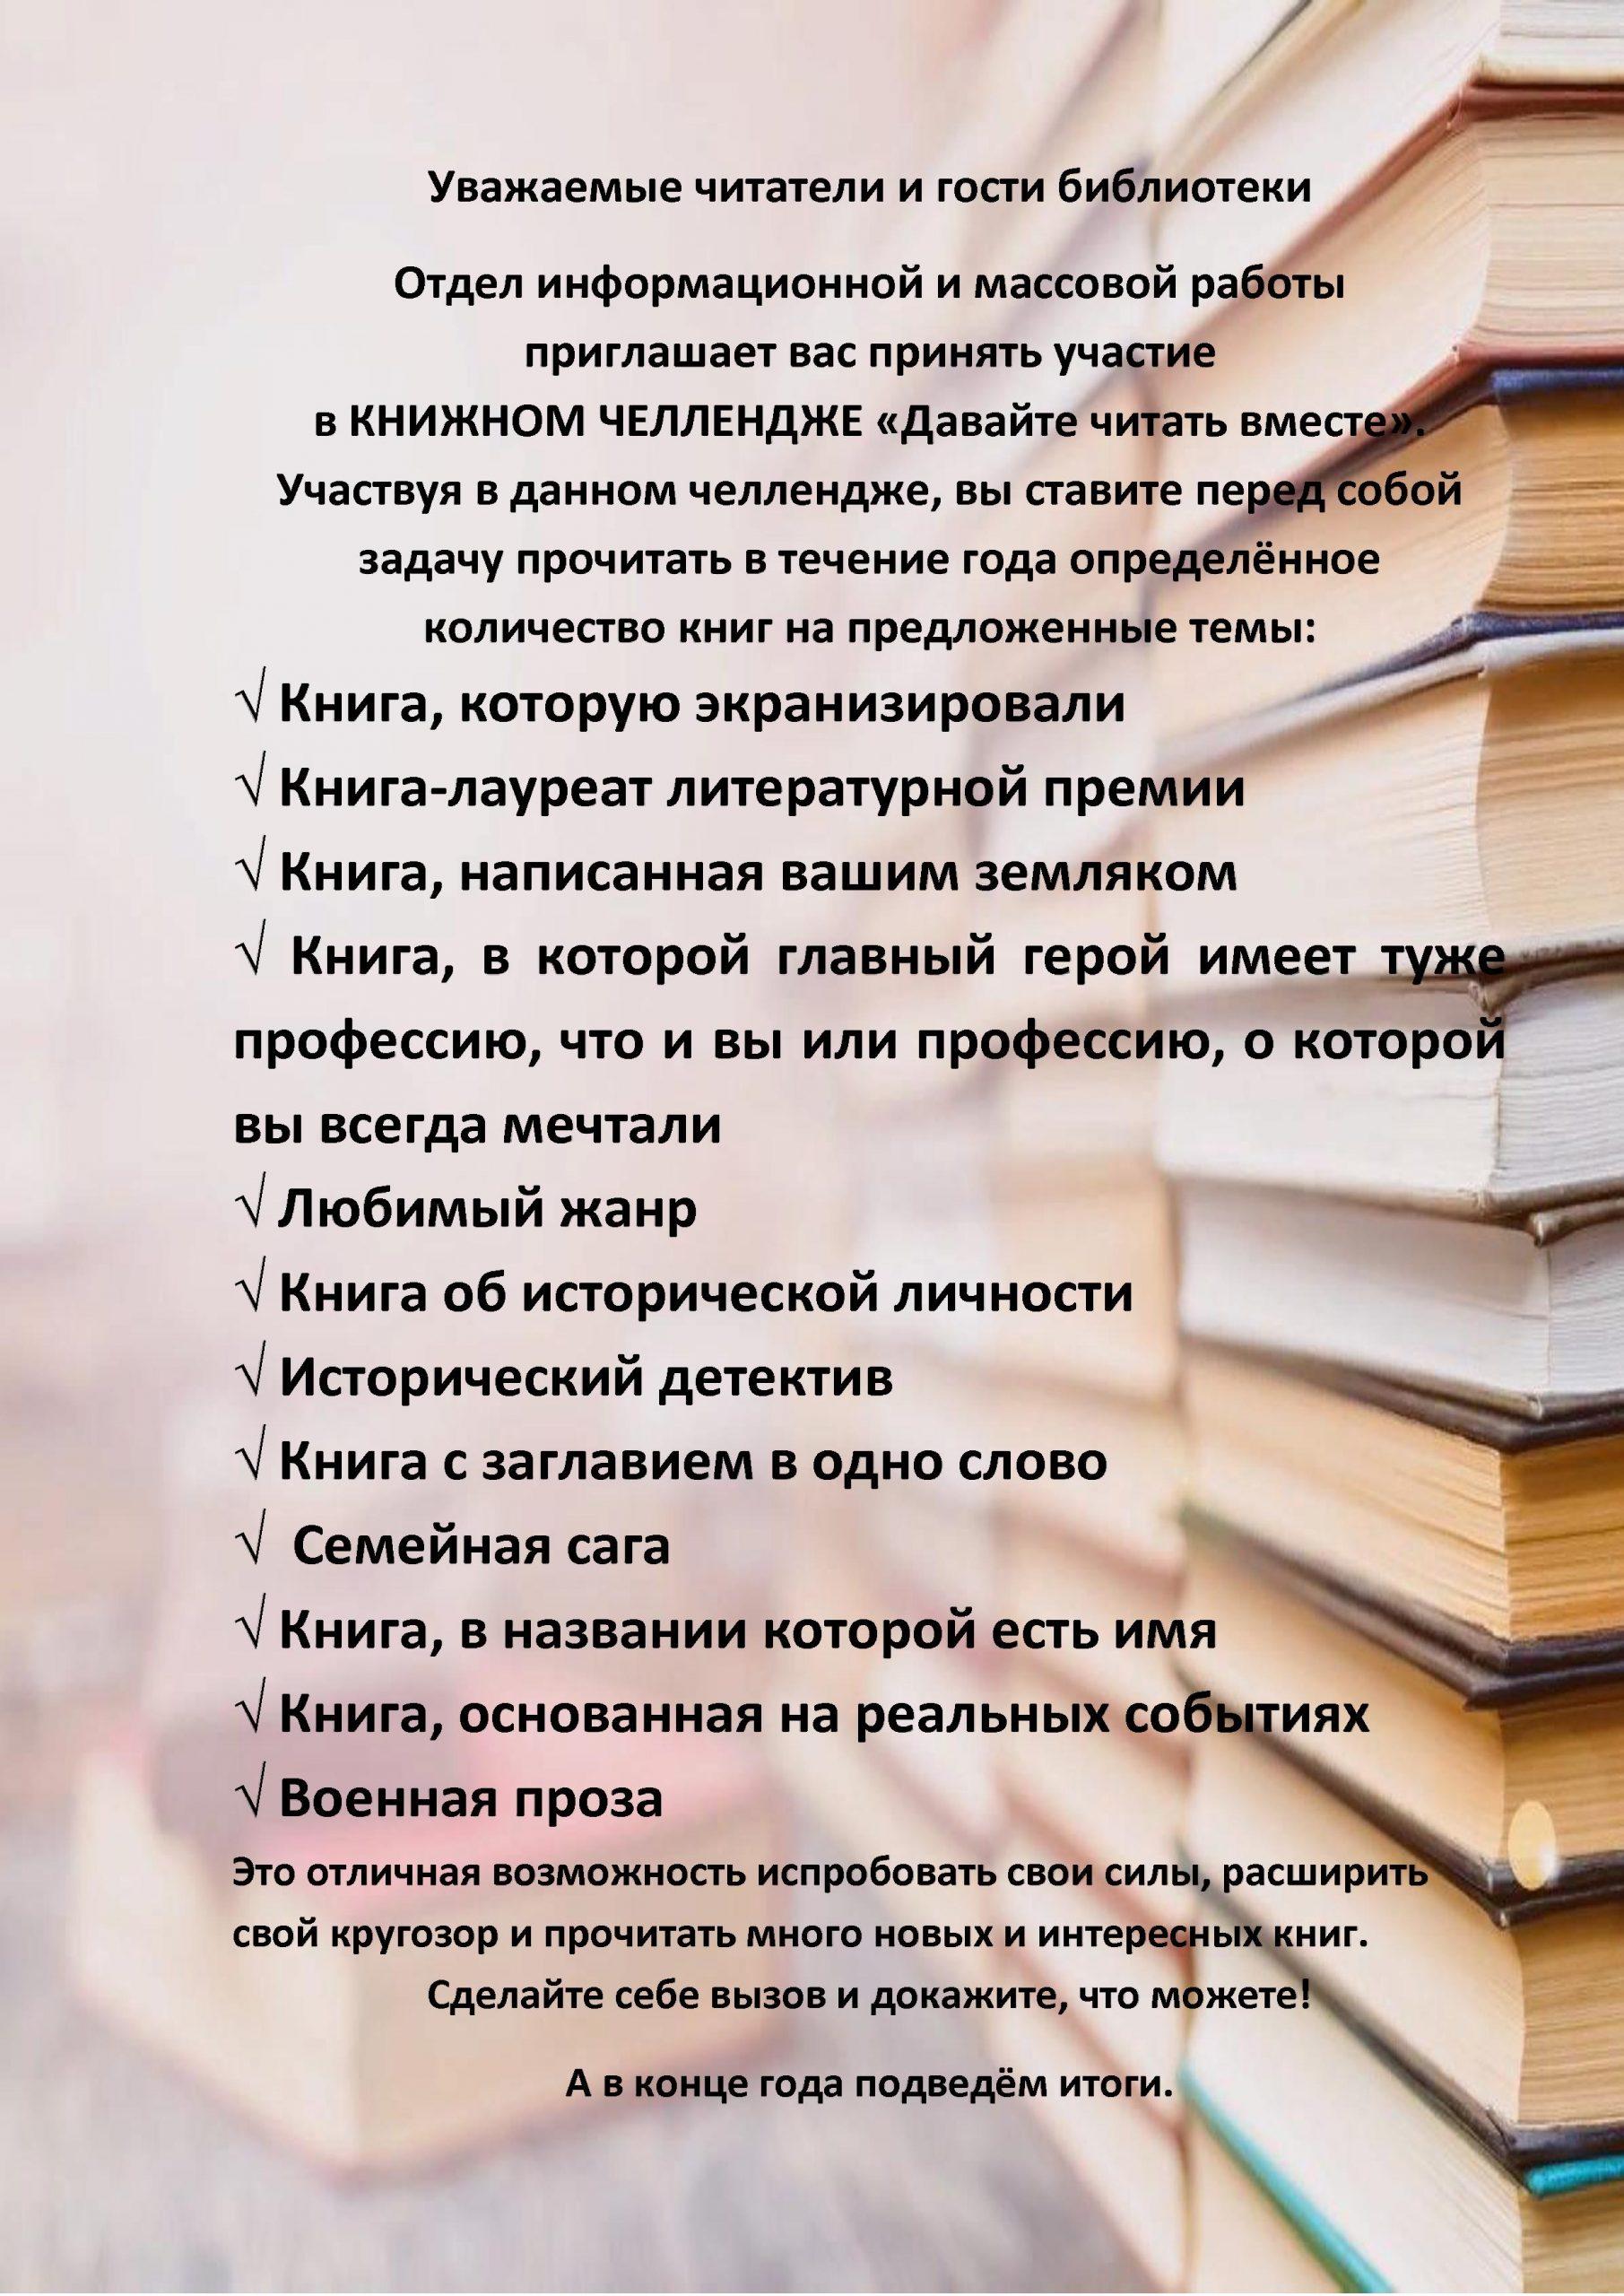 Книжный челлендж «Давайте читать вместе».